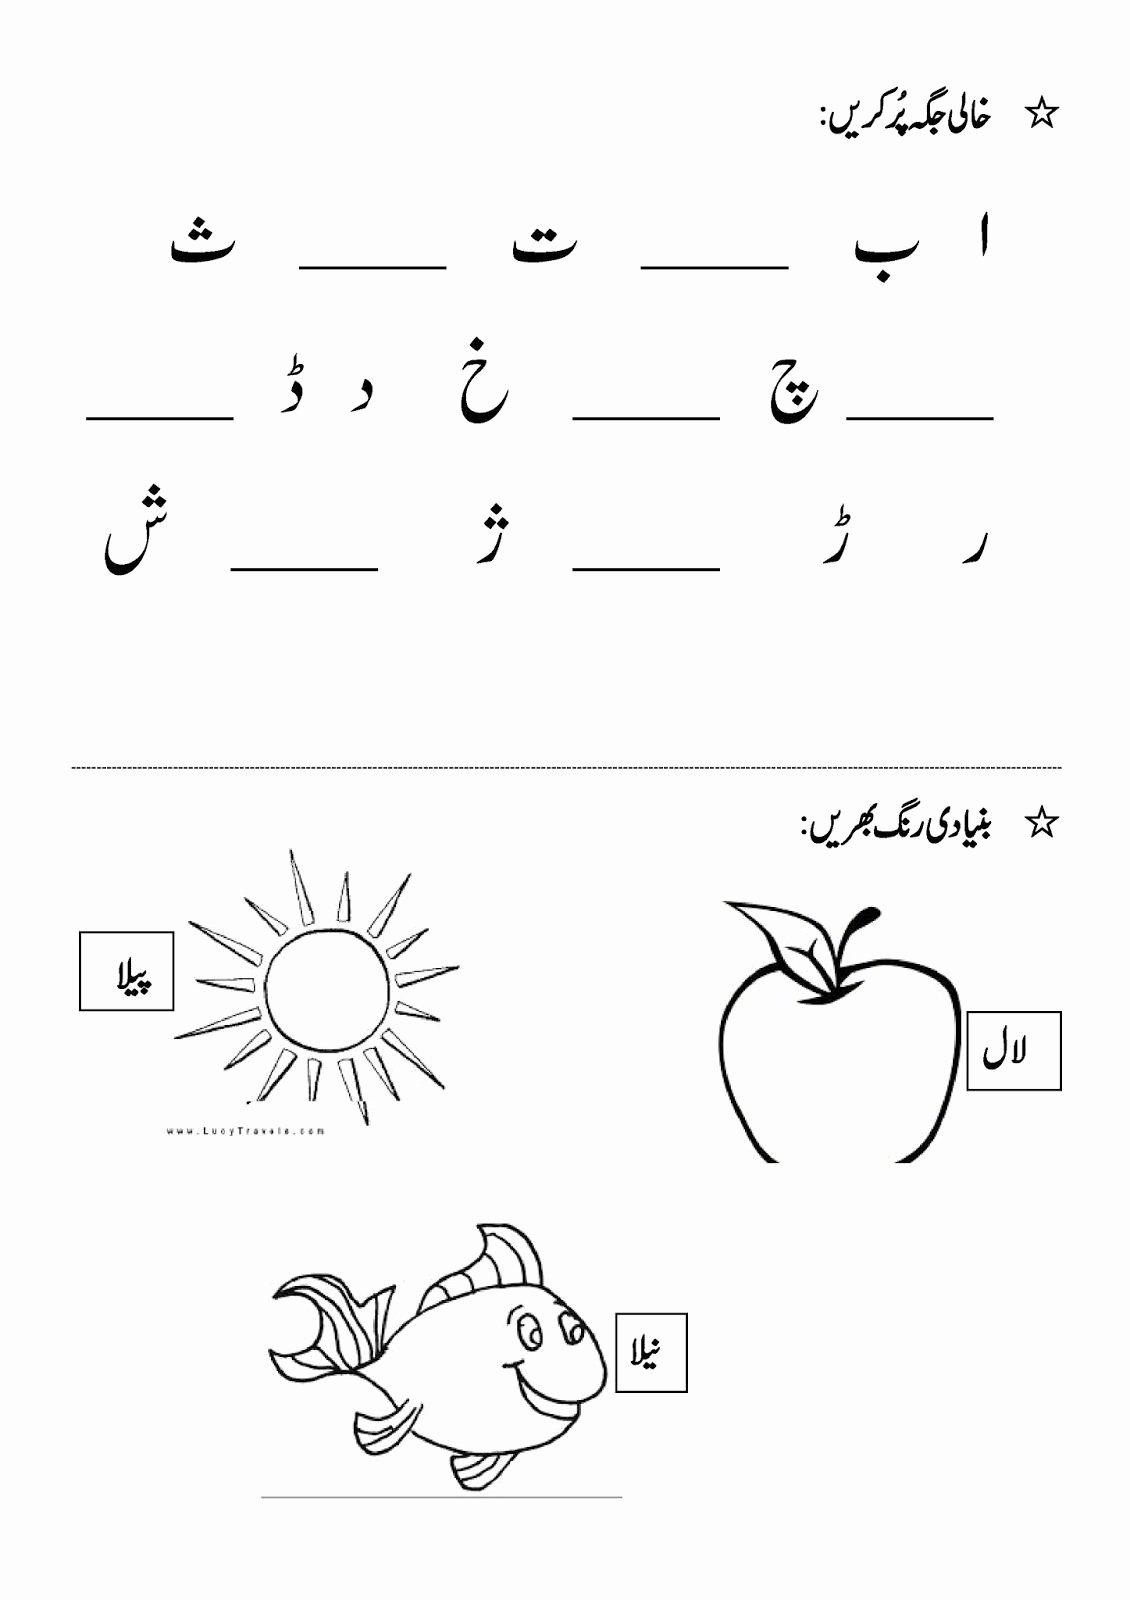 Urdu Worksheets for Preschoolers Ideas Urdu Alif Worksheet Printable Worksheets and Activities for